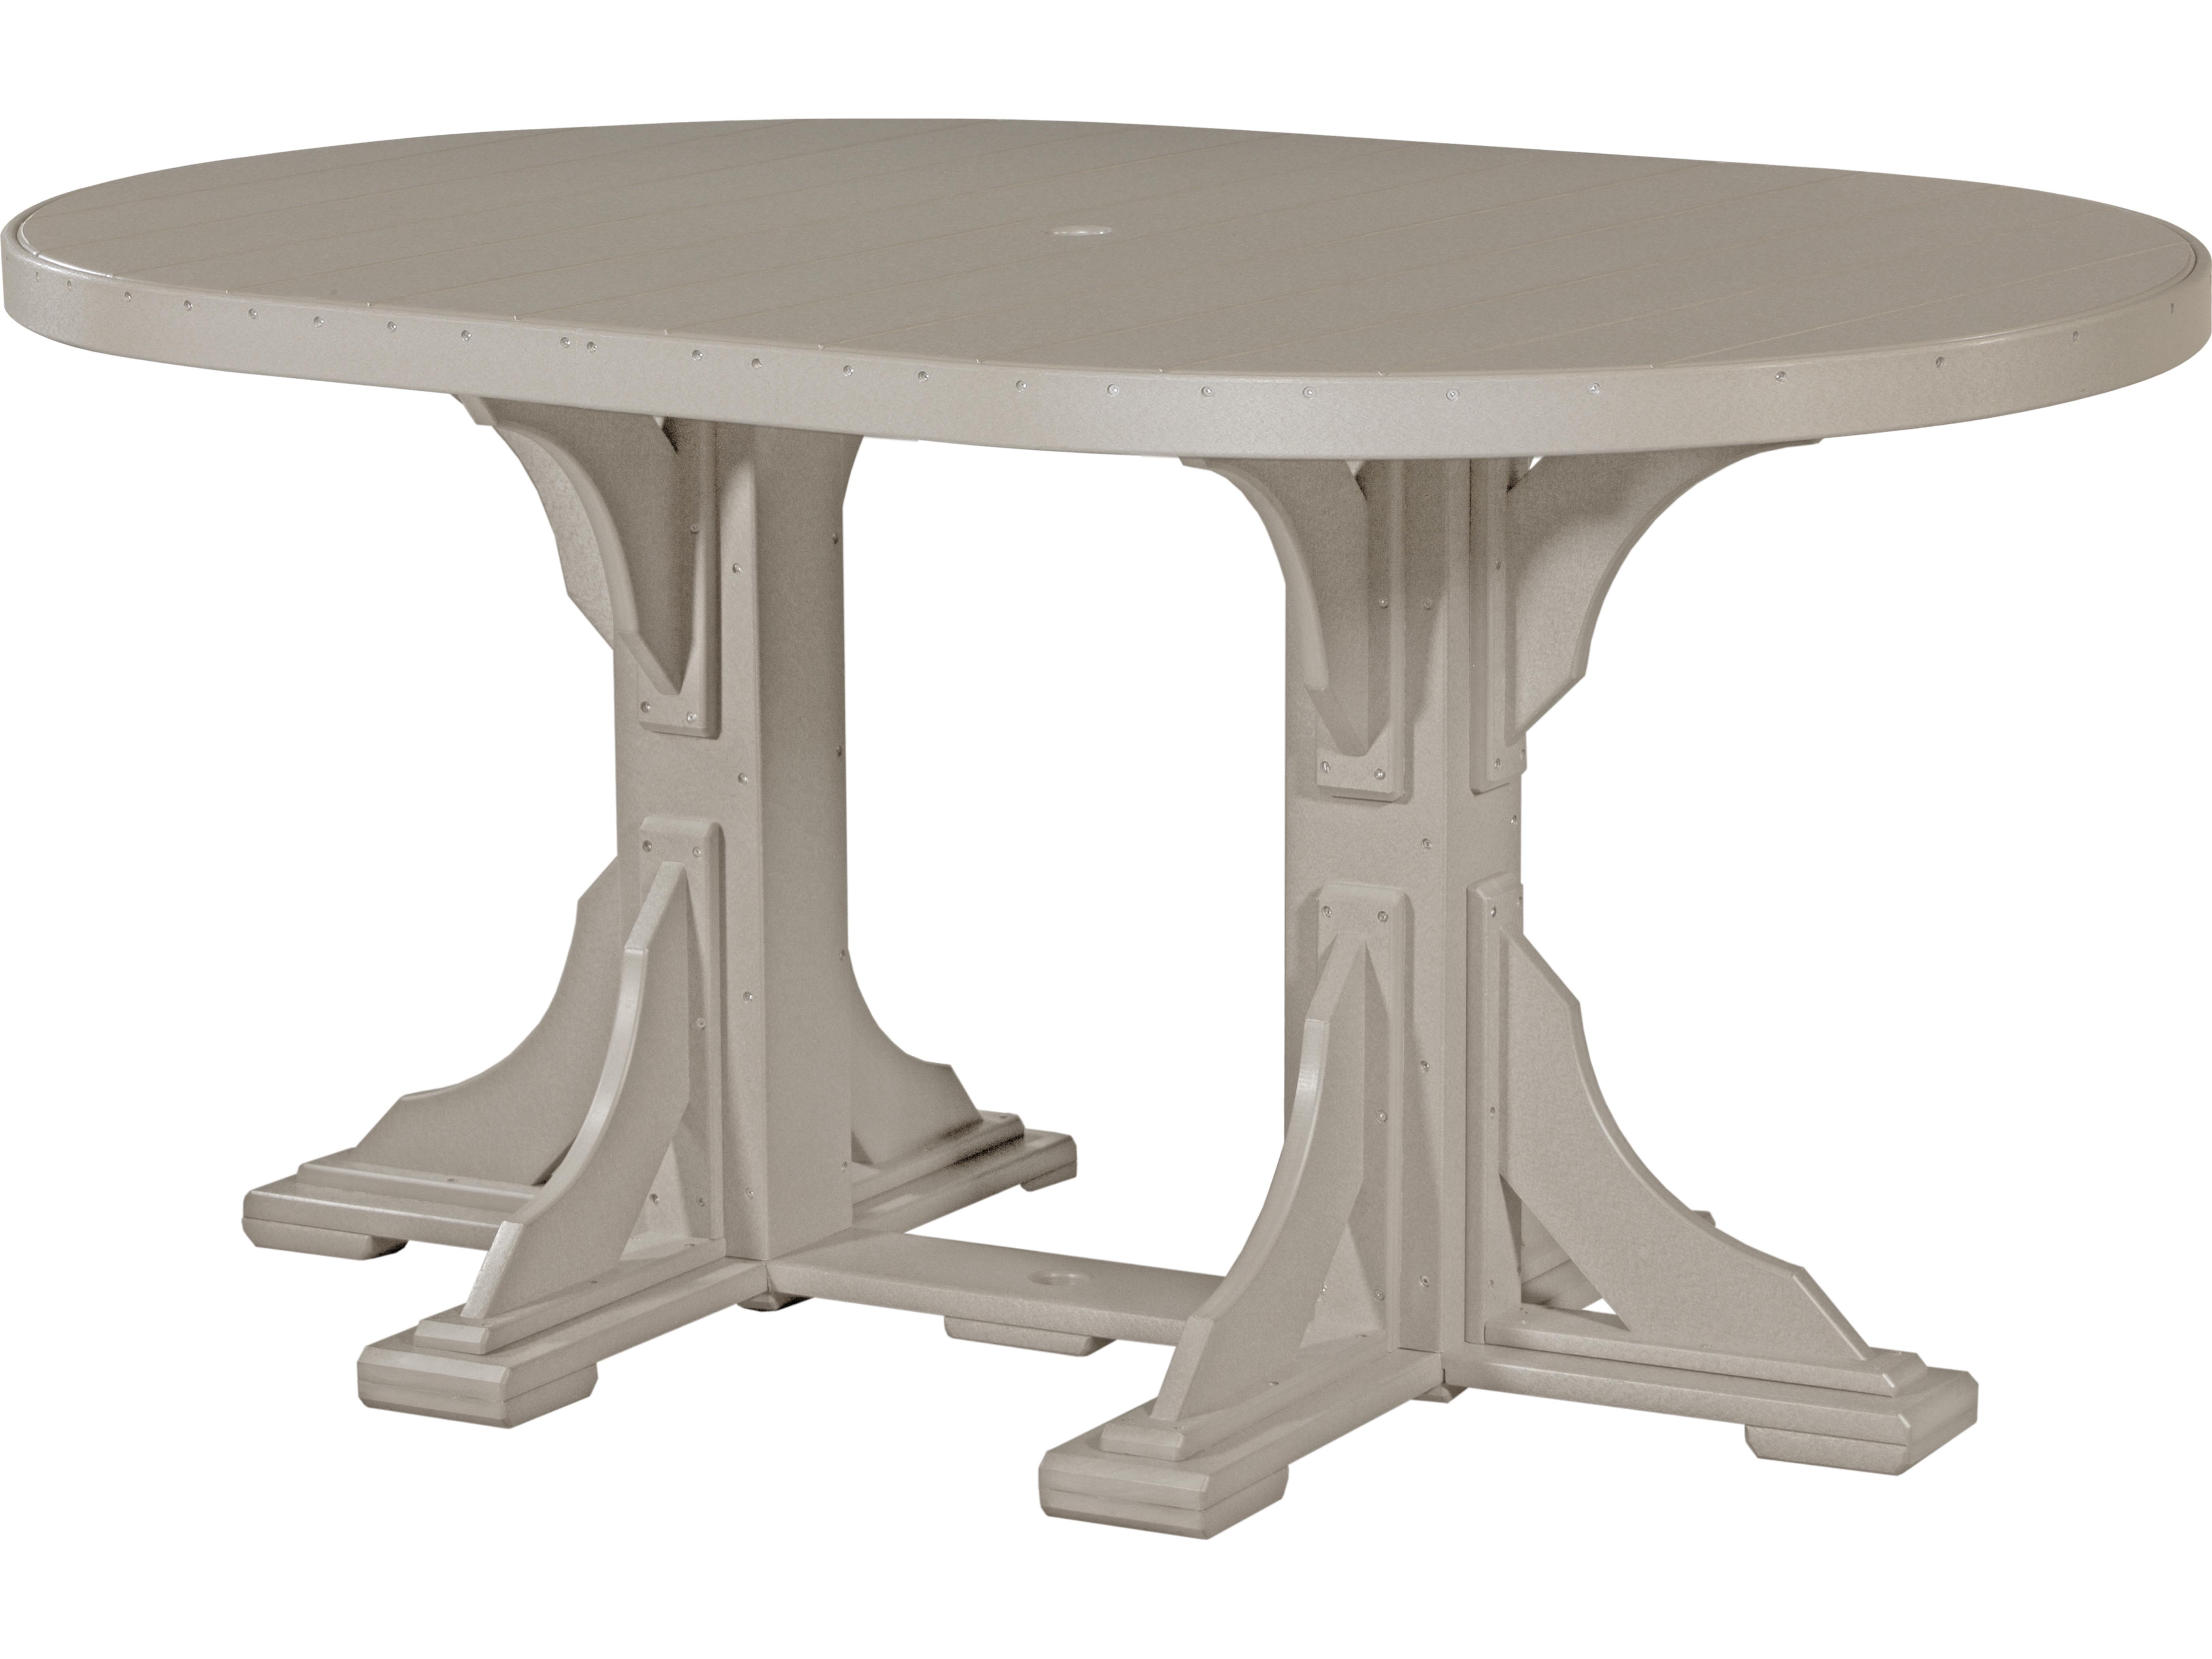 Oval Plastic Umbrella Tables